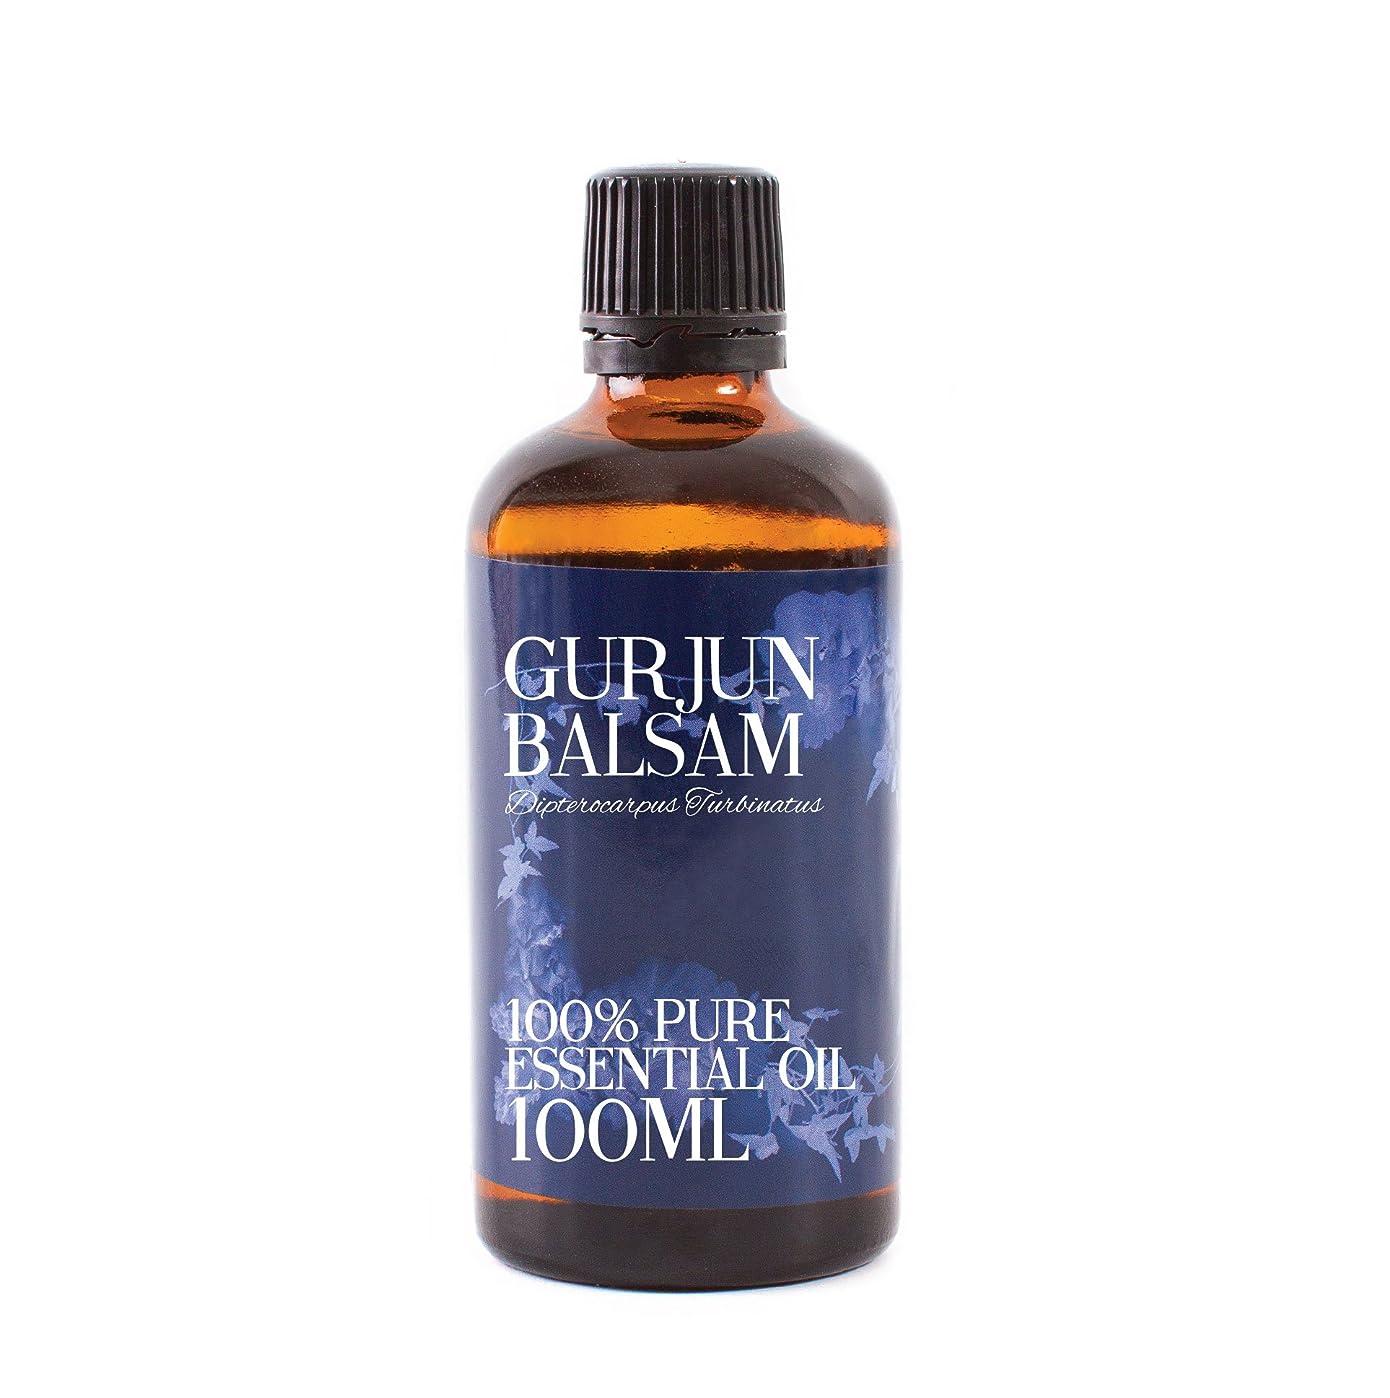 病弱加速度線Mystic Moments | Gurjun Balsam Essential Oil - 100ml - 100% Pure